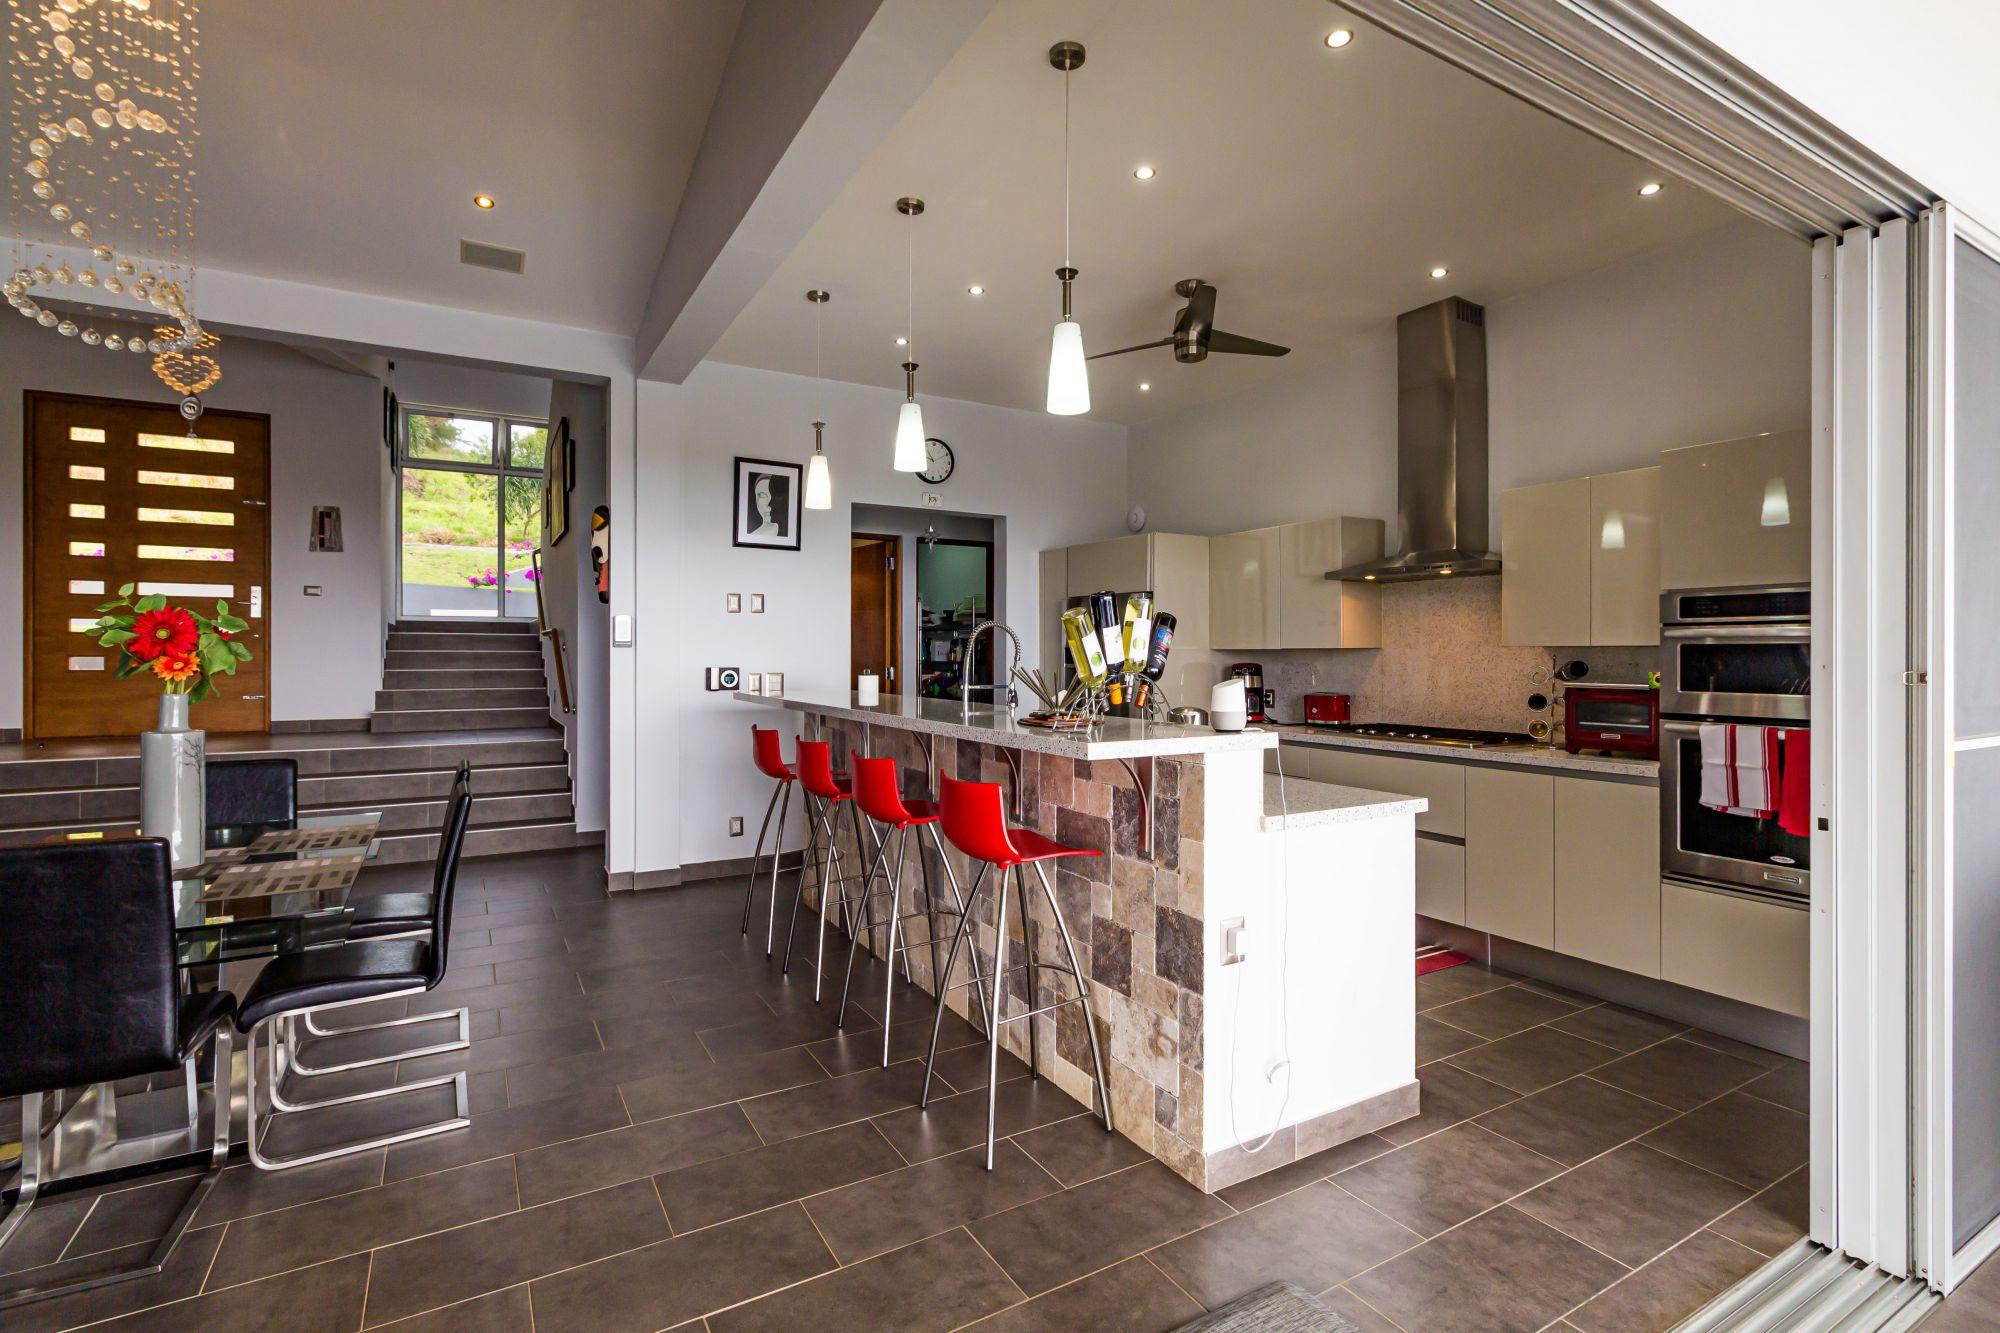 Vetrate scorrevoli in cucina con vista giardino